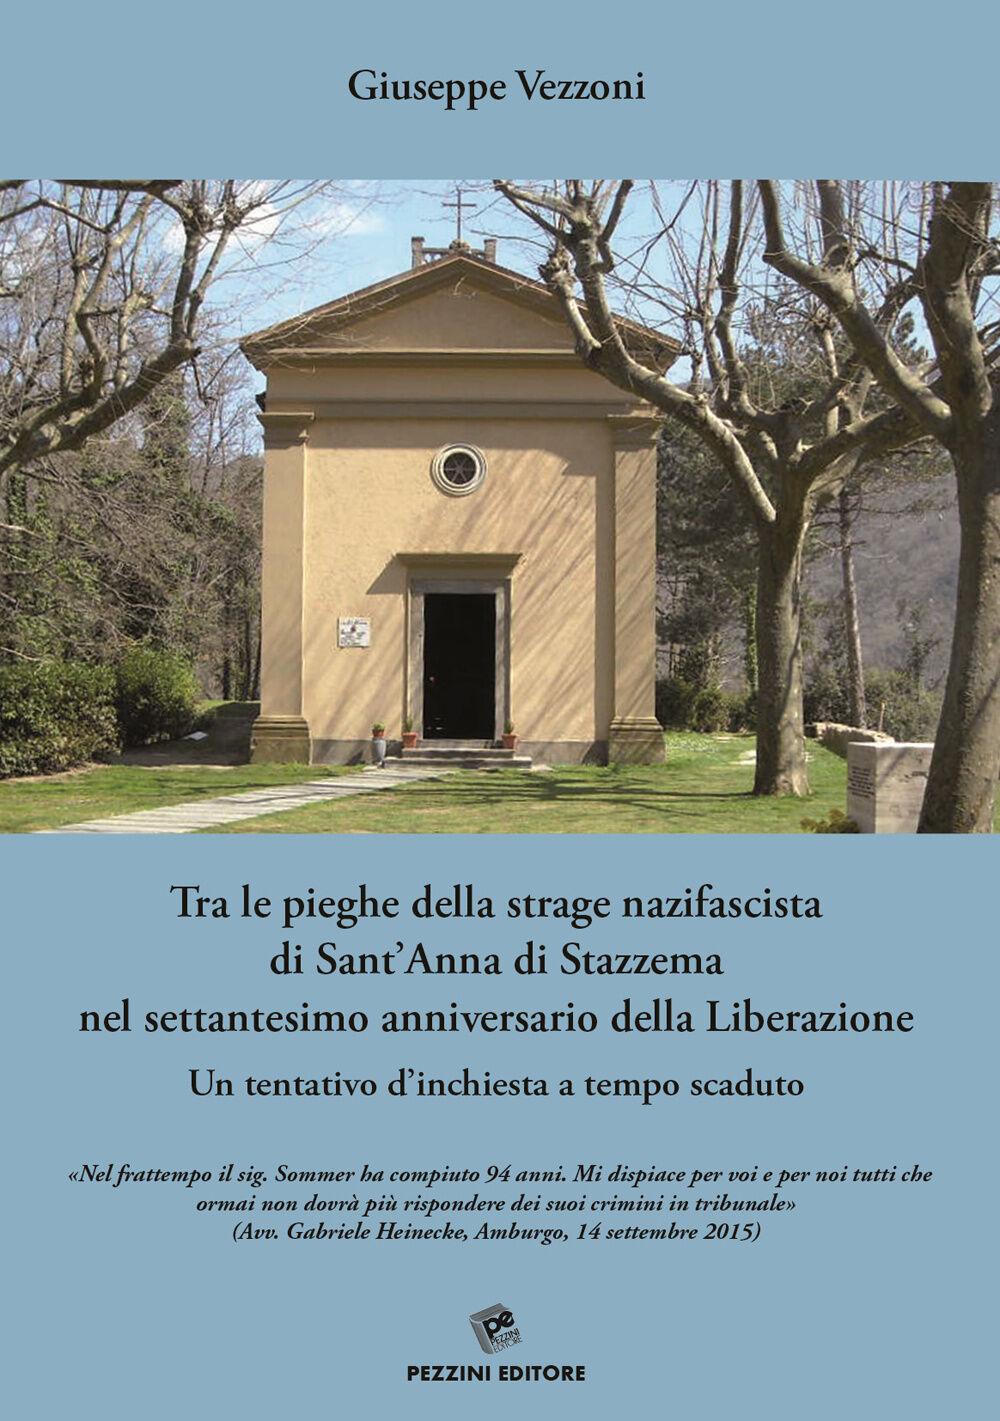 Tra le pieghe della strage nazifascista di Sant'Anna di Stazzema nel settantesimo anniversario della Liberazione. Un tentativo d'inchiesta a tempo scaduto